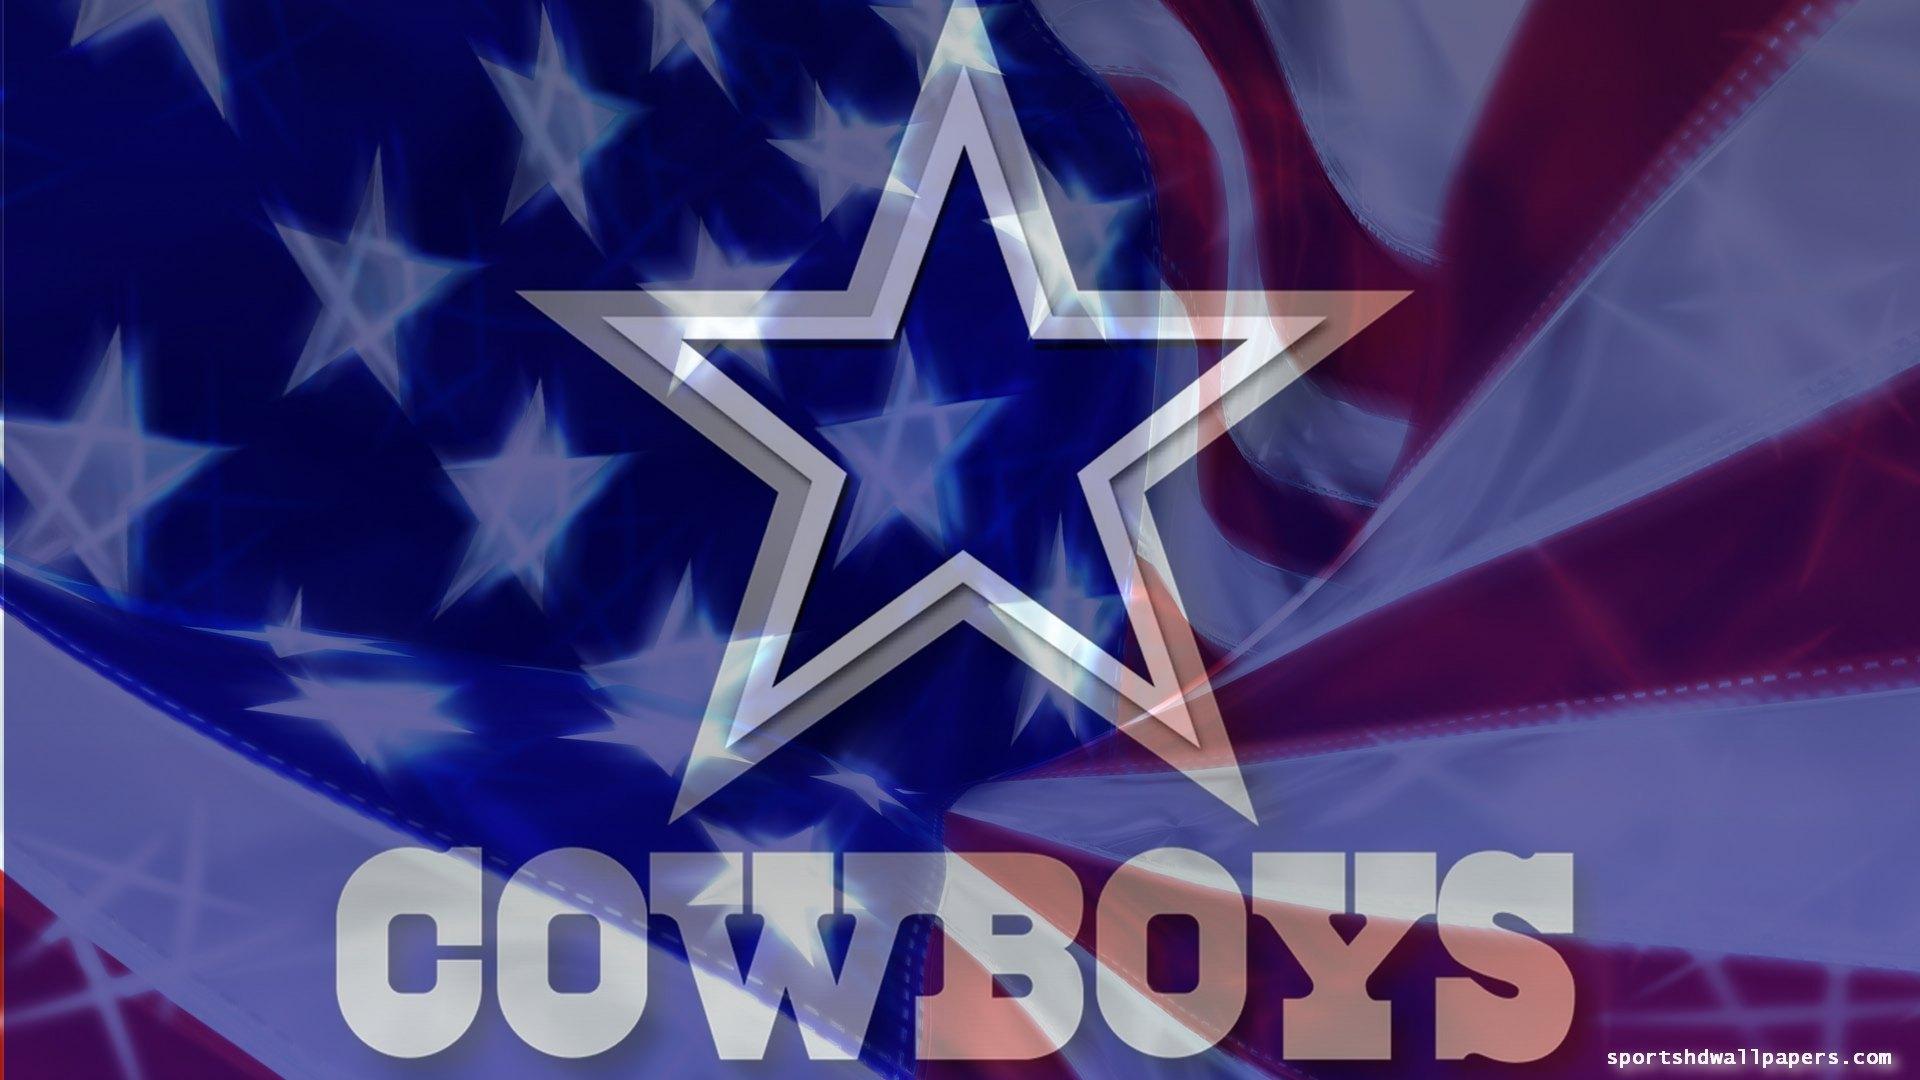 NFL Dallas Cowboys Logo On Windy USA American Flag 1920x1080 HD NFL 1920x1080